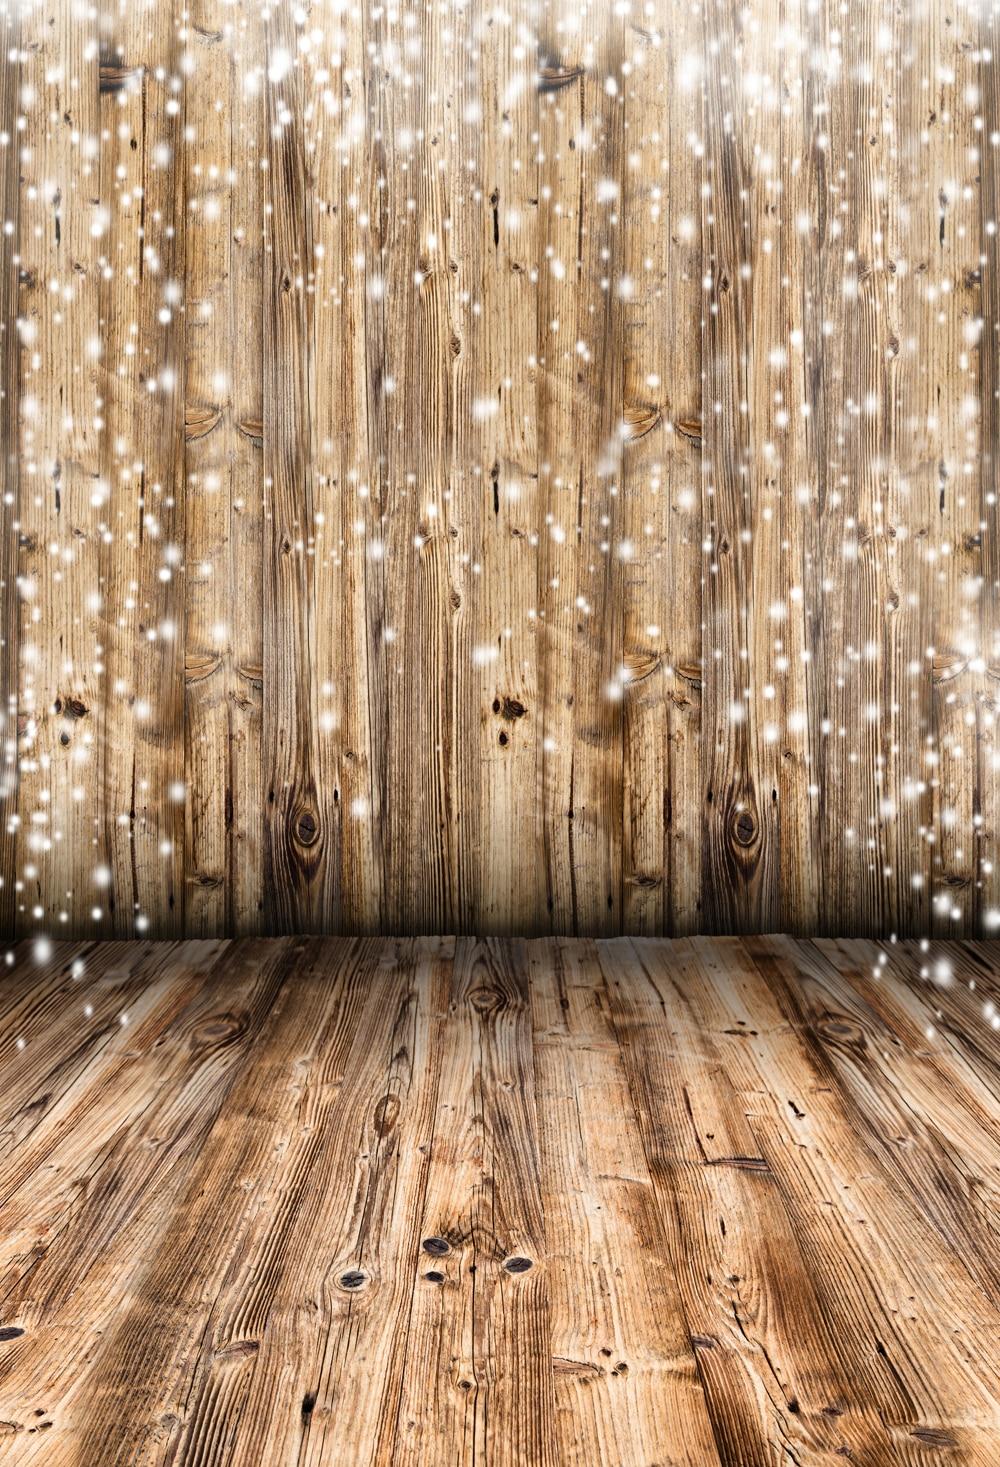 HUAYI legno pavimento in legno scenografia 10x20ft vinile fotografia di matrimonio fondali foto puntelli sfondo di legno XT-6393